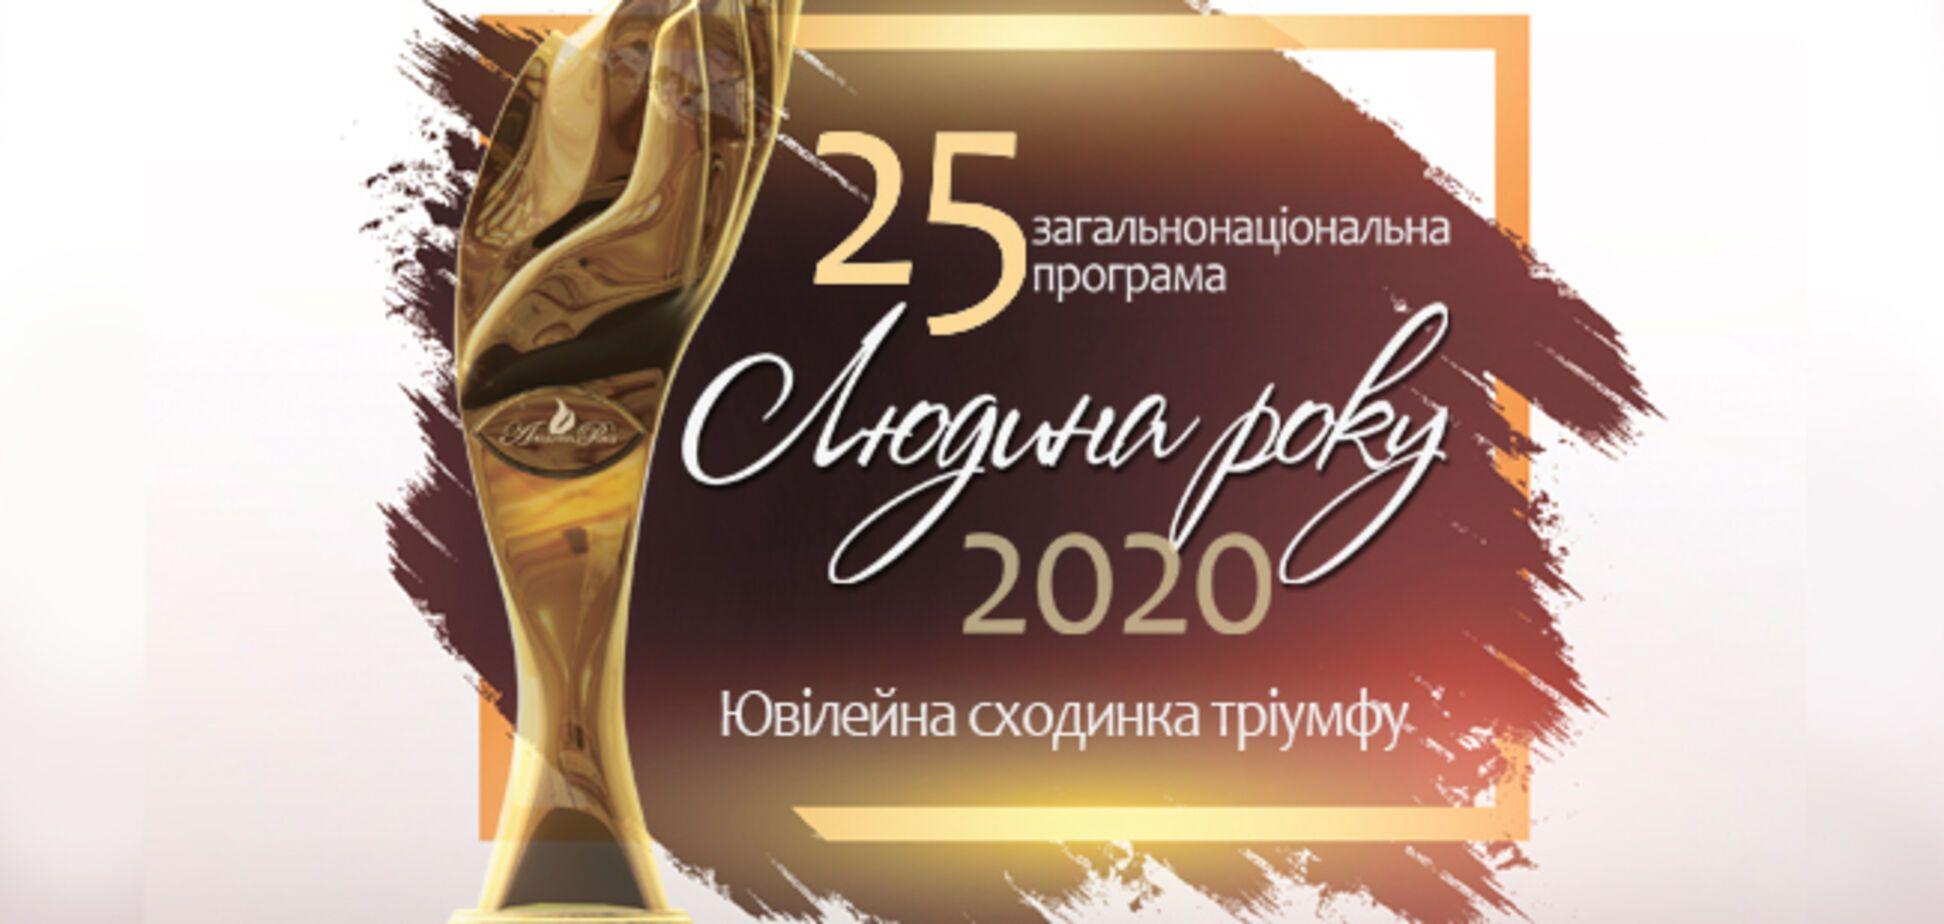 У Національній опері Києва нагородили переможців ювілейної премії 'Людина року-2020'